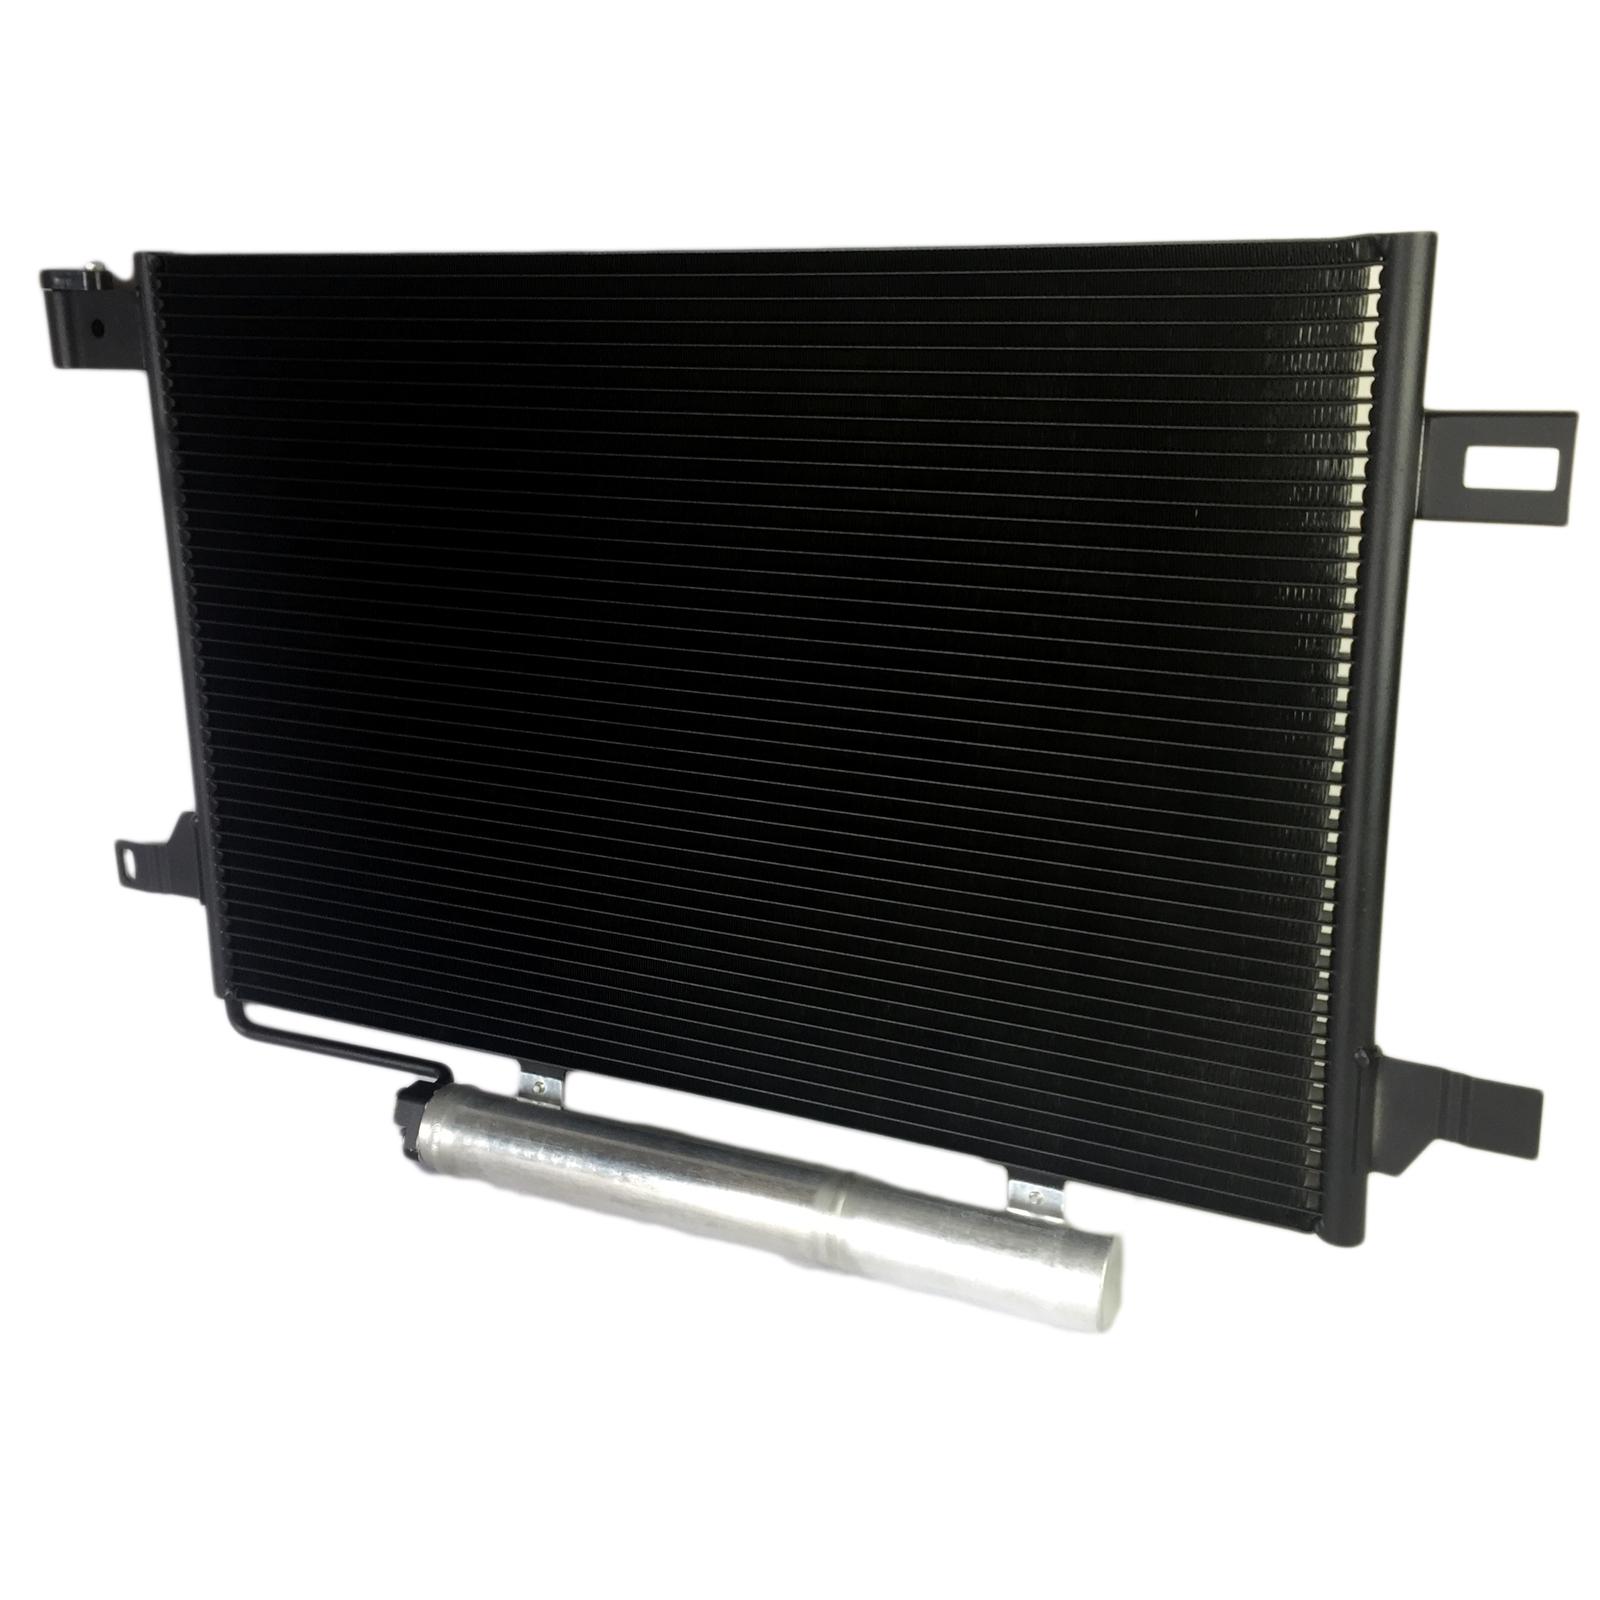 kondensator klimak hler klimaanlage mercedes a b klasse. Black Bedroom Furniture Sets. Home Design Ideas